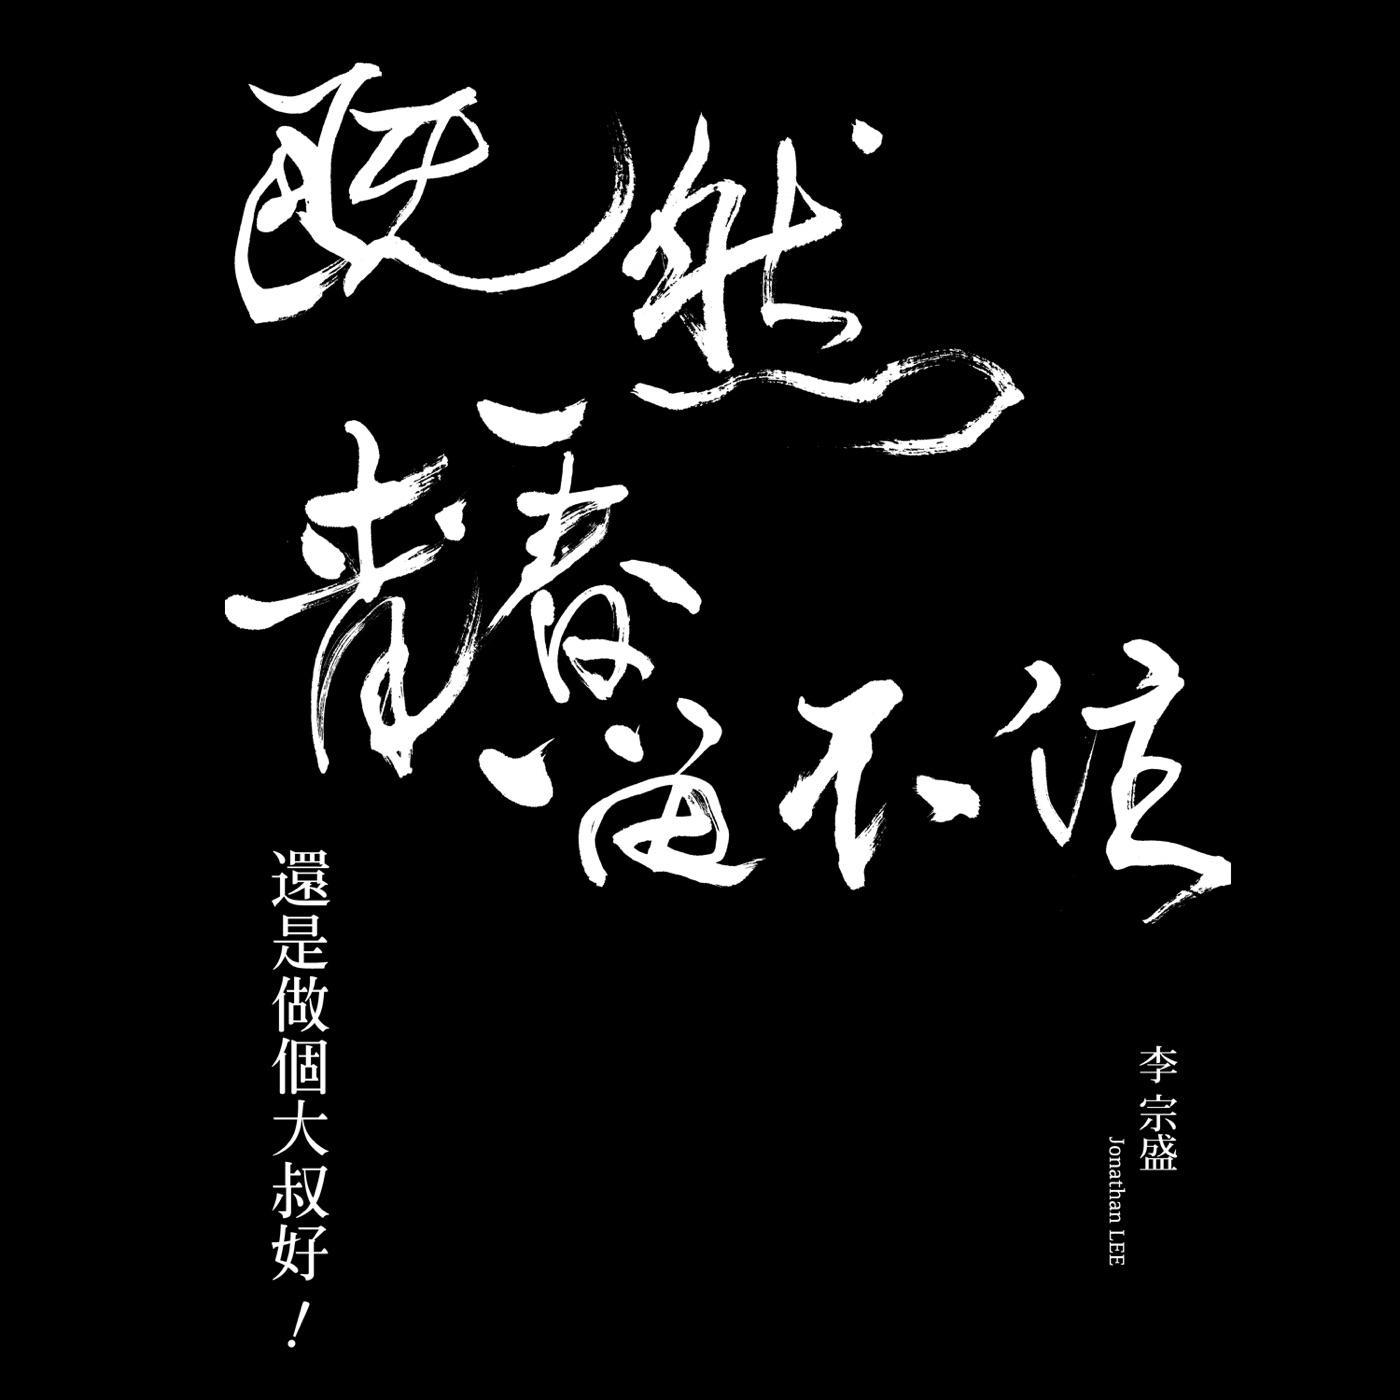 李宗盛 - 「既然青春留不住-还是做个大叔好」演唱会巡回影音纪录 LIVE